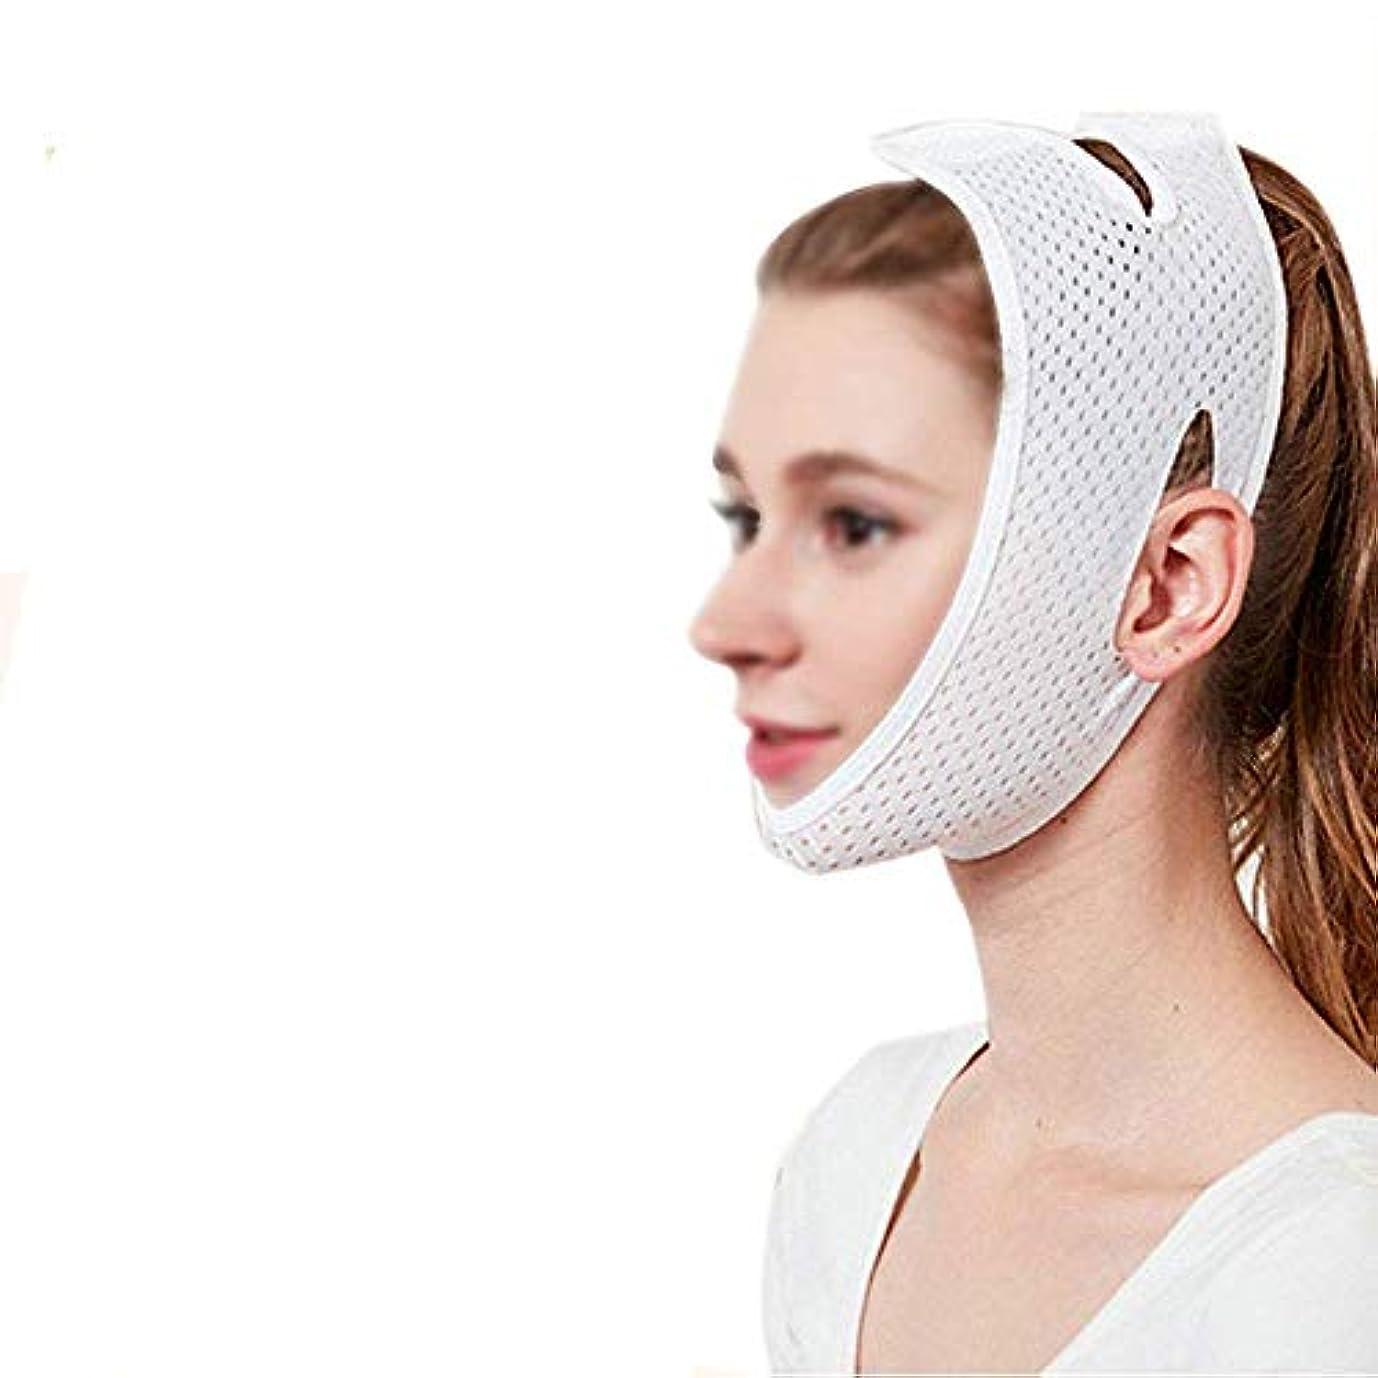 うん動揺させるイブニング薄型フェイスベルト、V字絆創膏ダブルマスクあご取り法用マスクリフティングファーミングスリーピングマスク(カラー:ホワイト),白